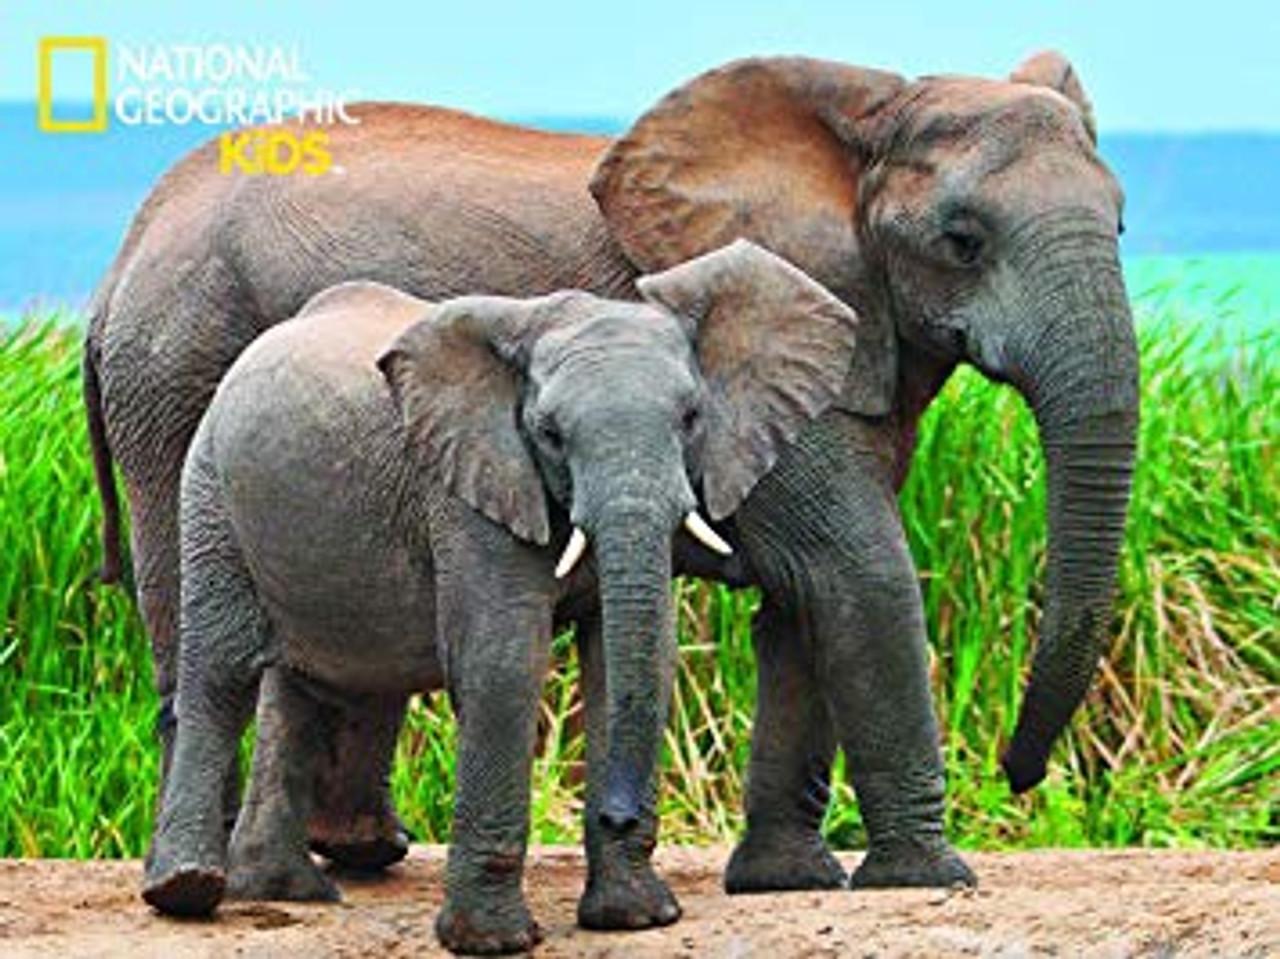 3D PUZZLE ELEPHANTS 100 PCS